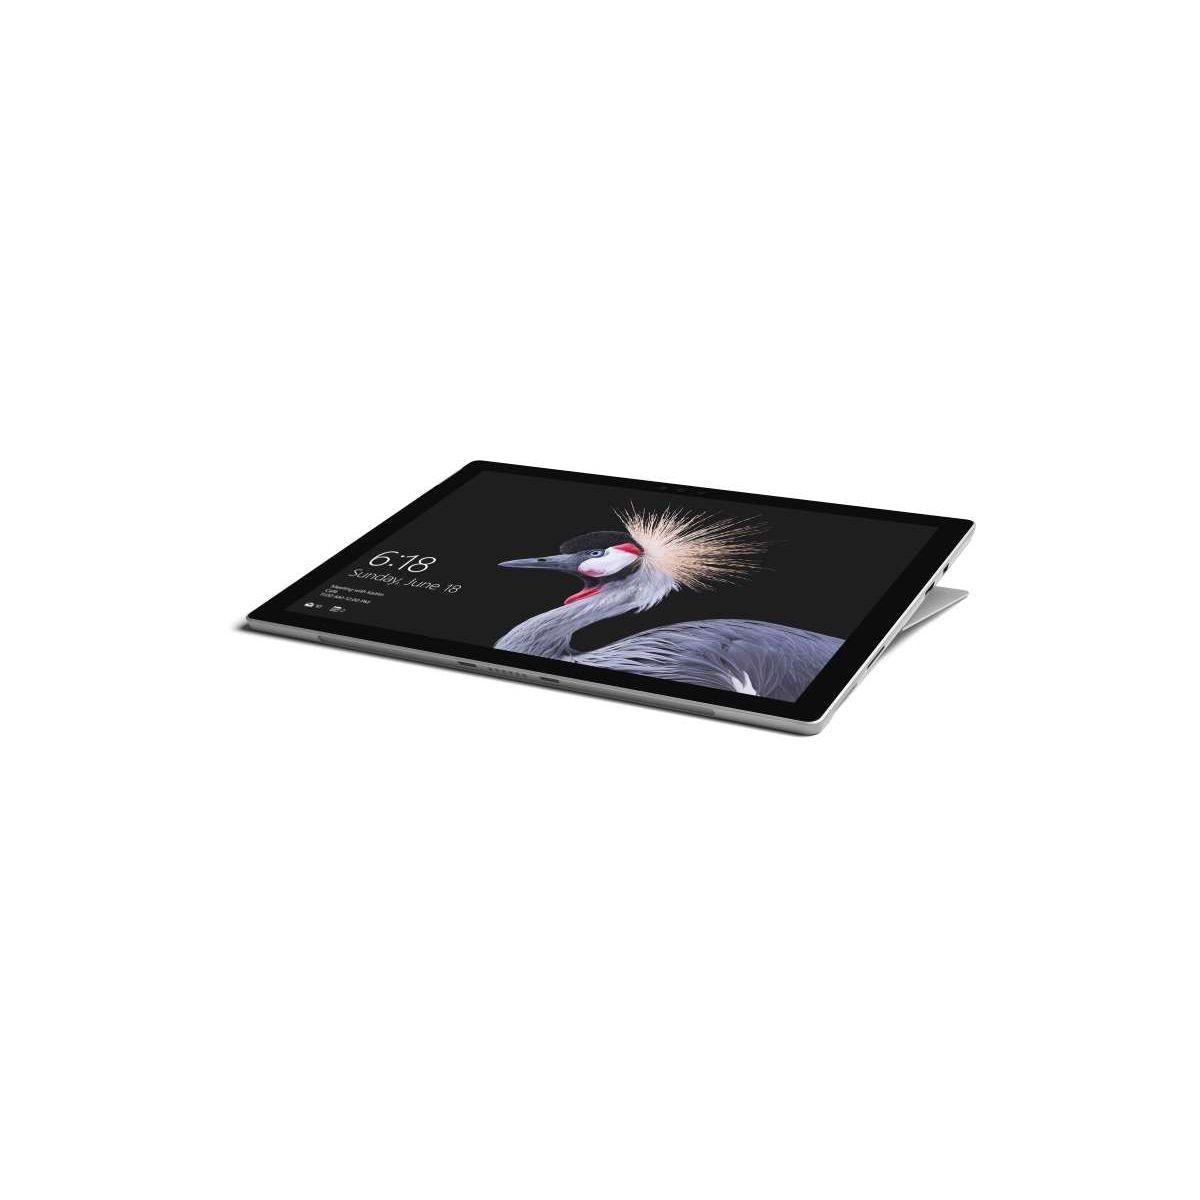 Ordi MICROSOFT New Surface Pro i7 16Go 5